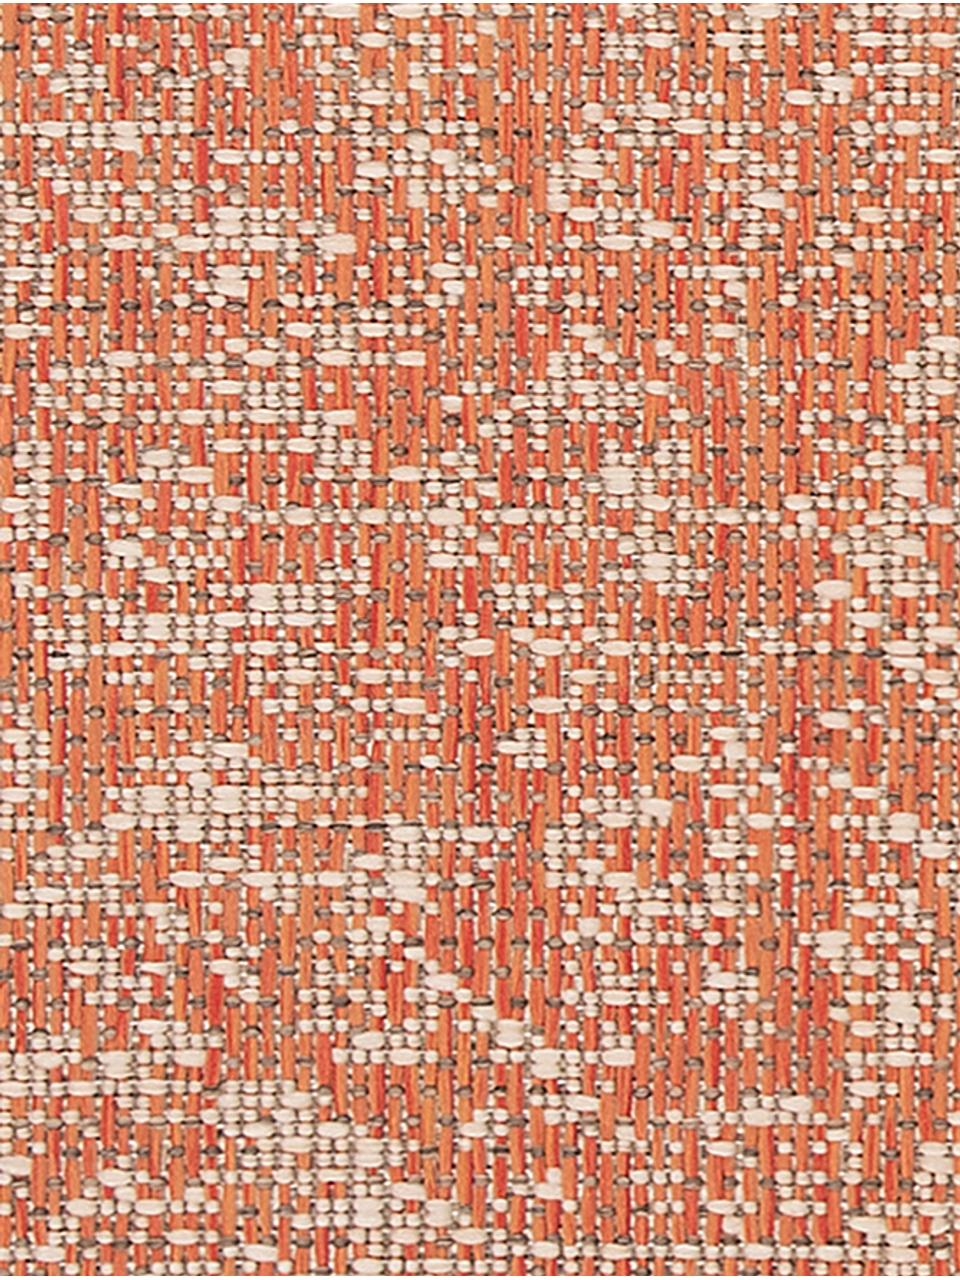 In- & Outdoor-Läufer Hatta im Vintage Look, 100% Polypropylen, Orangenrot, Beige, 70 x 200 cm